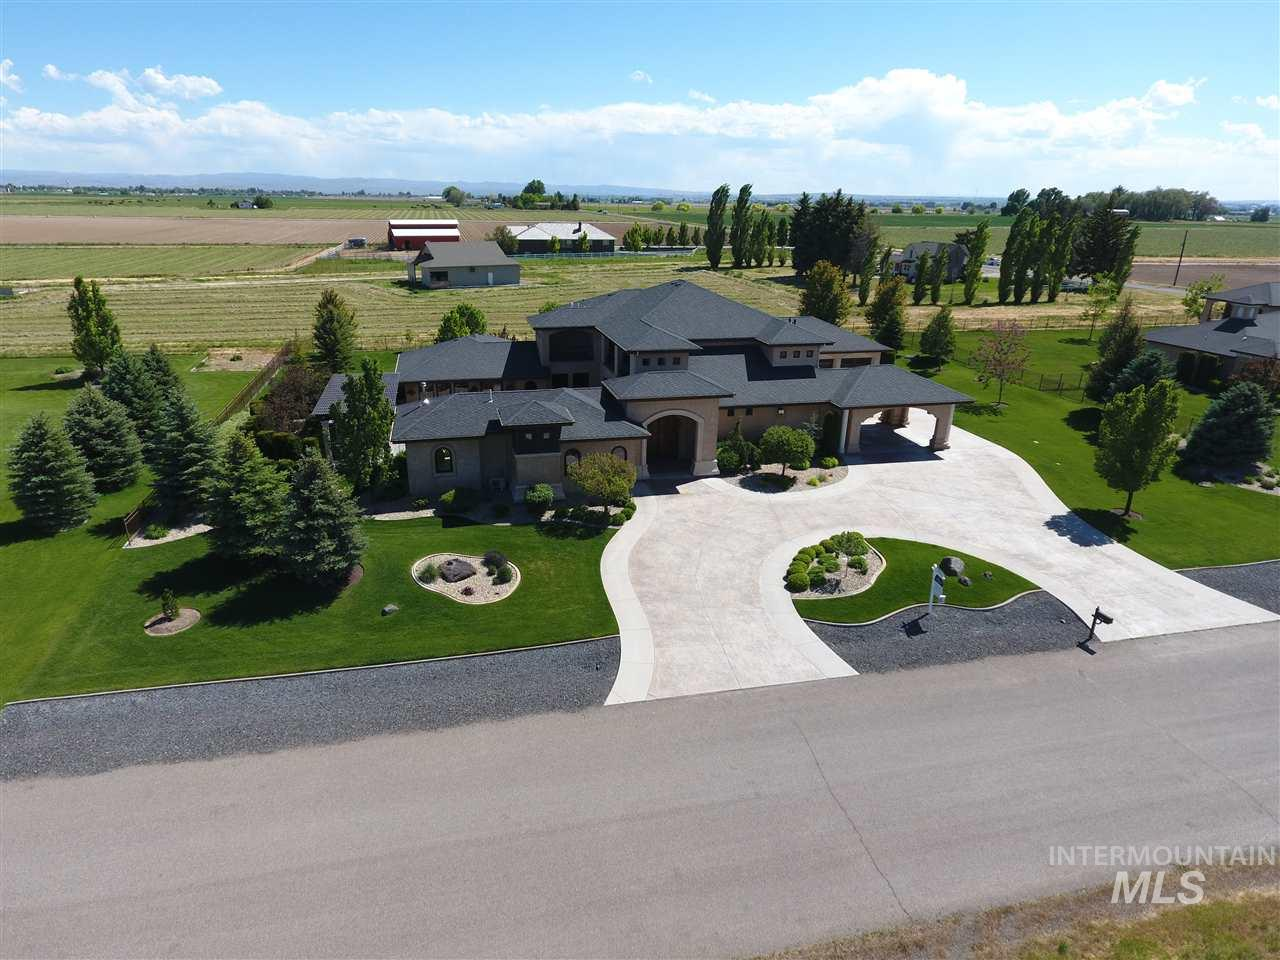 独户住宅 为 销售 在 3407 Moonlight Dr. Kimberly, 爱达荷州 83341